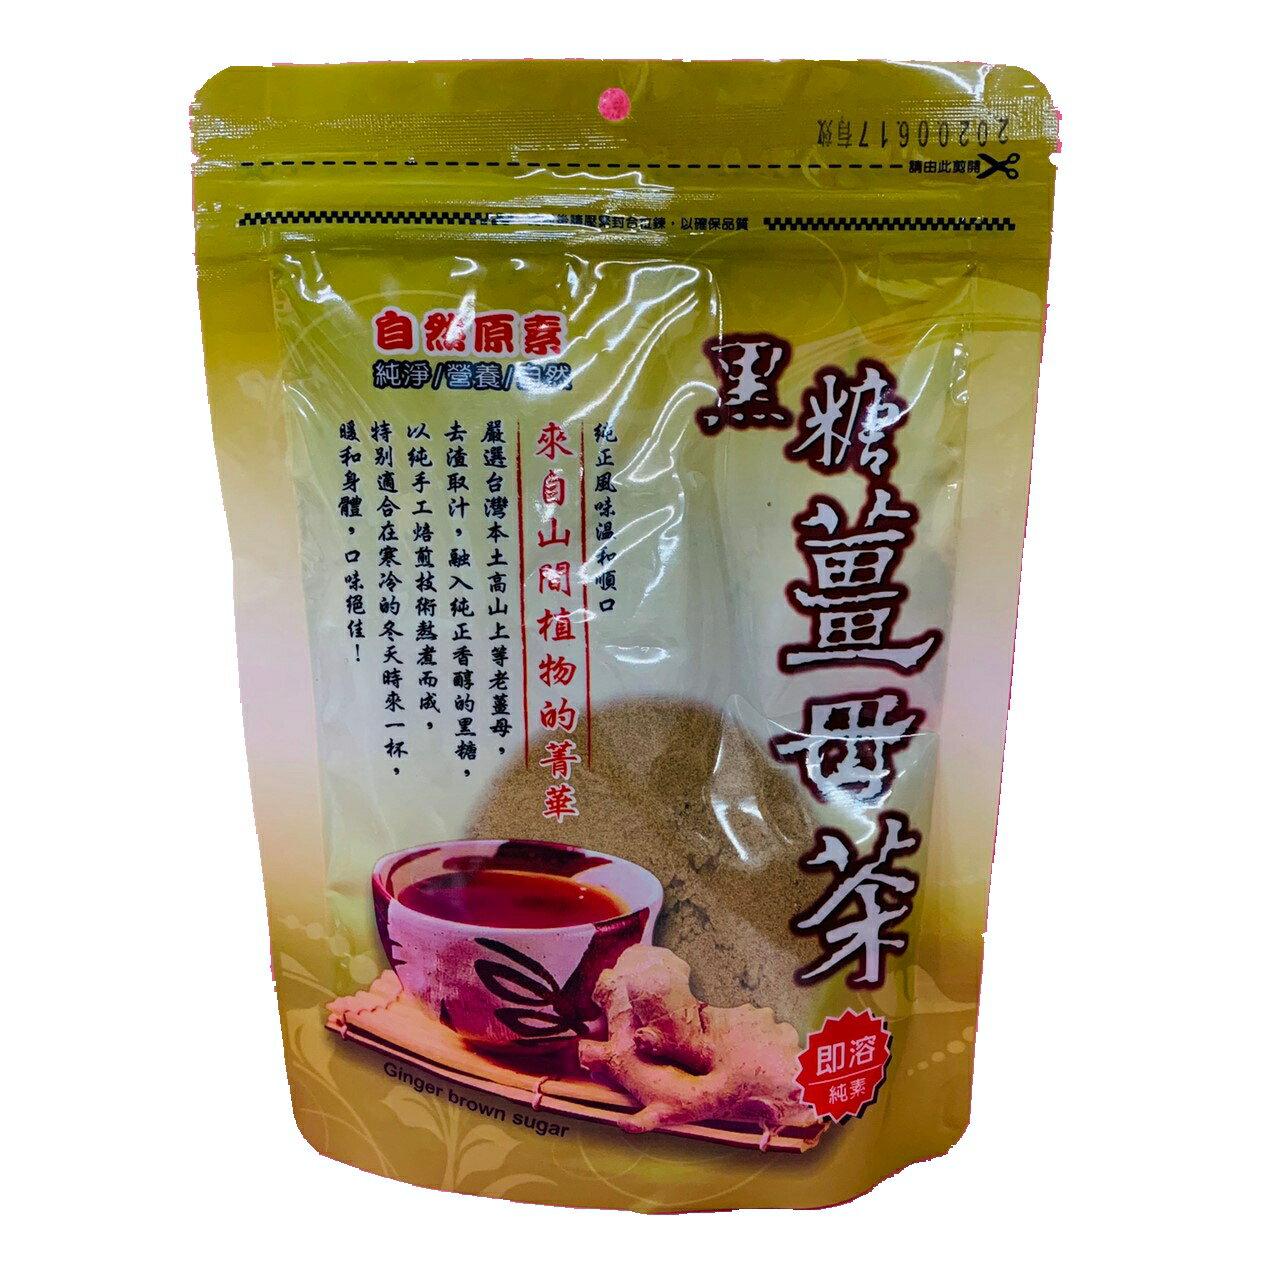 自然原素黑糖薑母茶240g